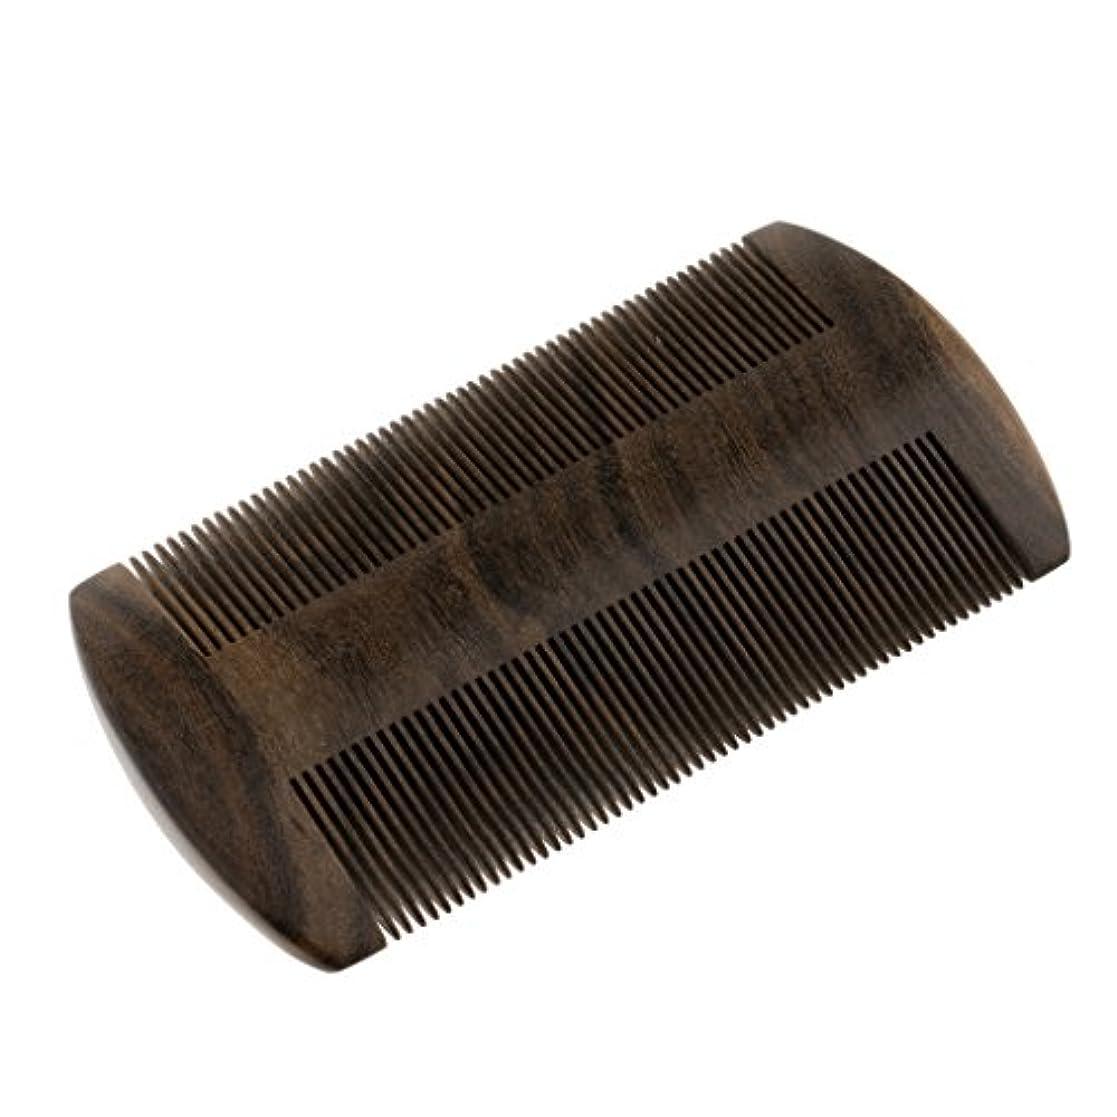 連帯再現する少しヘアブラシ 静電気防止髭剃り櫛 ウッドコーム ミシュコーム 静電気防止